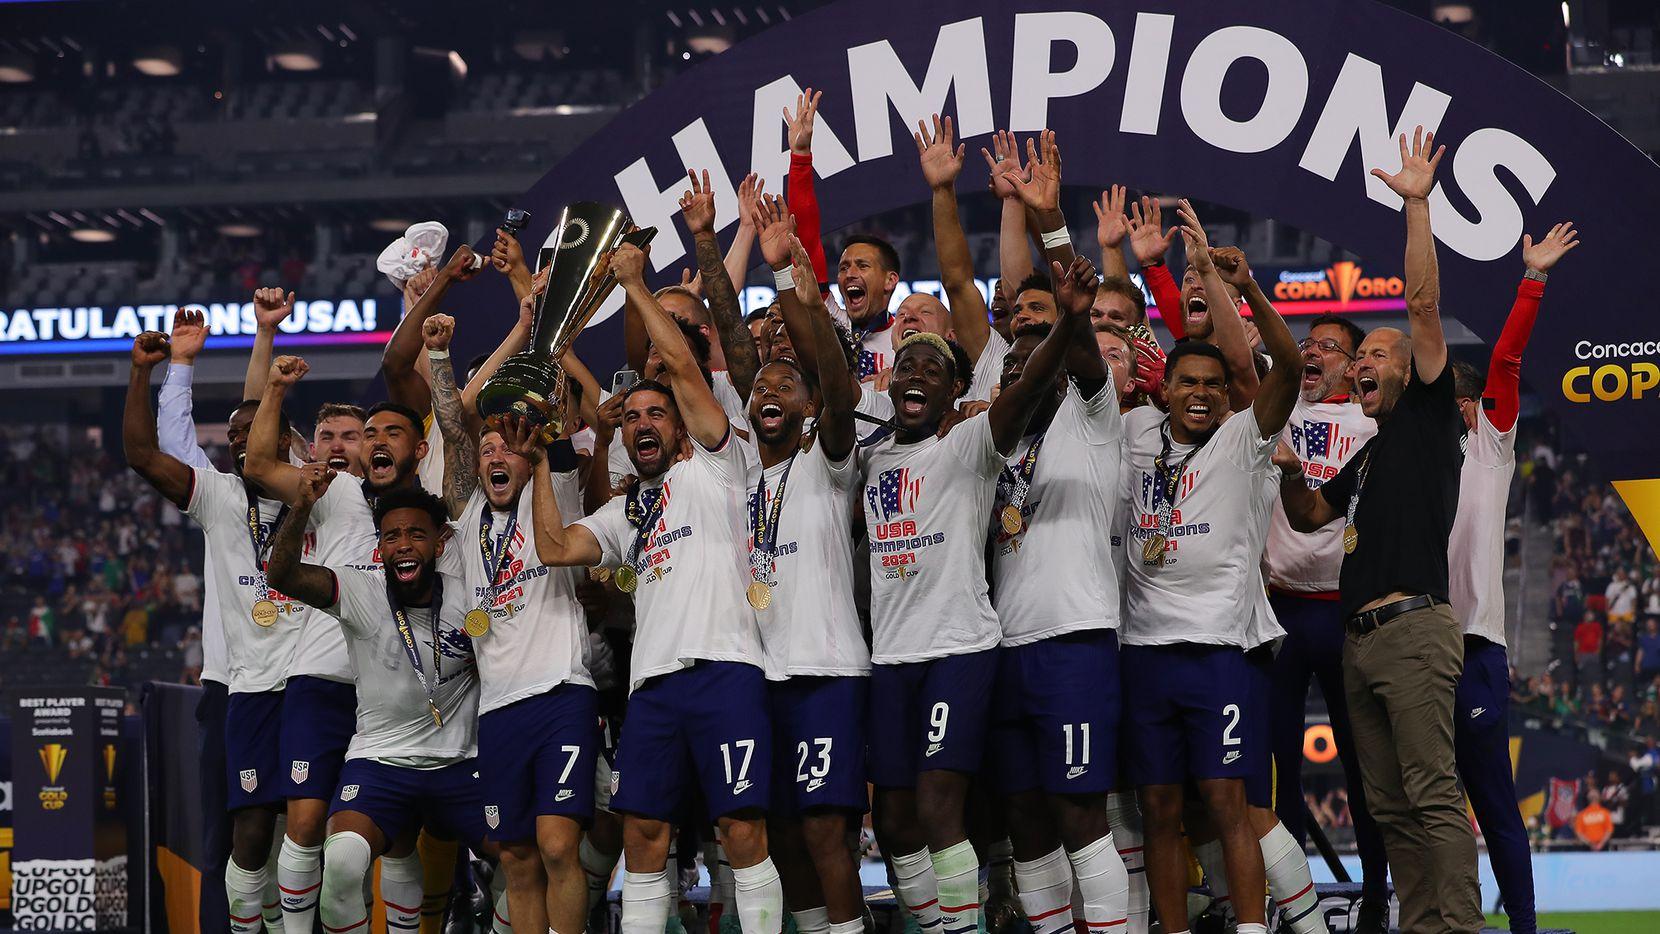 La selección de Estados Unidos celebra la conquista de la Copa Oro 2021 tras vencer a México 1-0 en tiempos extras, el 1 de agosto de 2021 en Las Vegas.